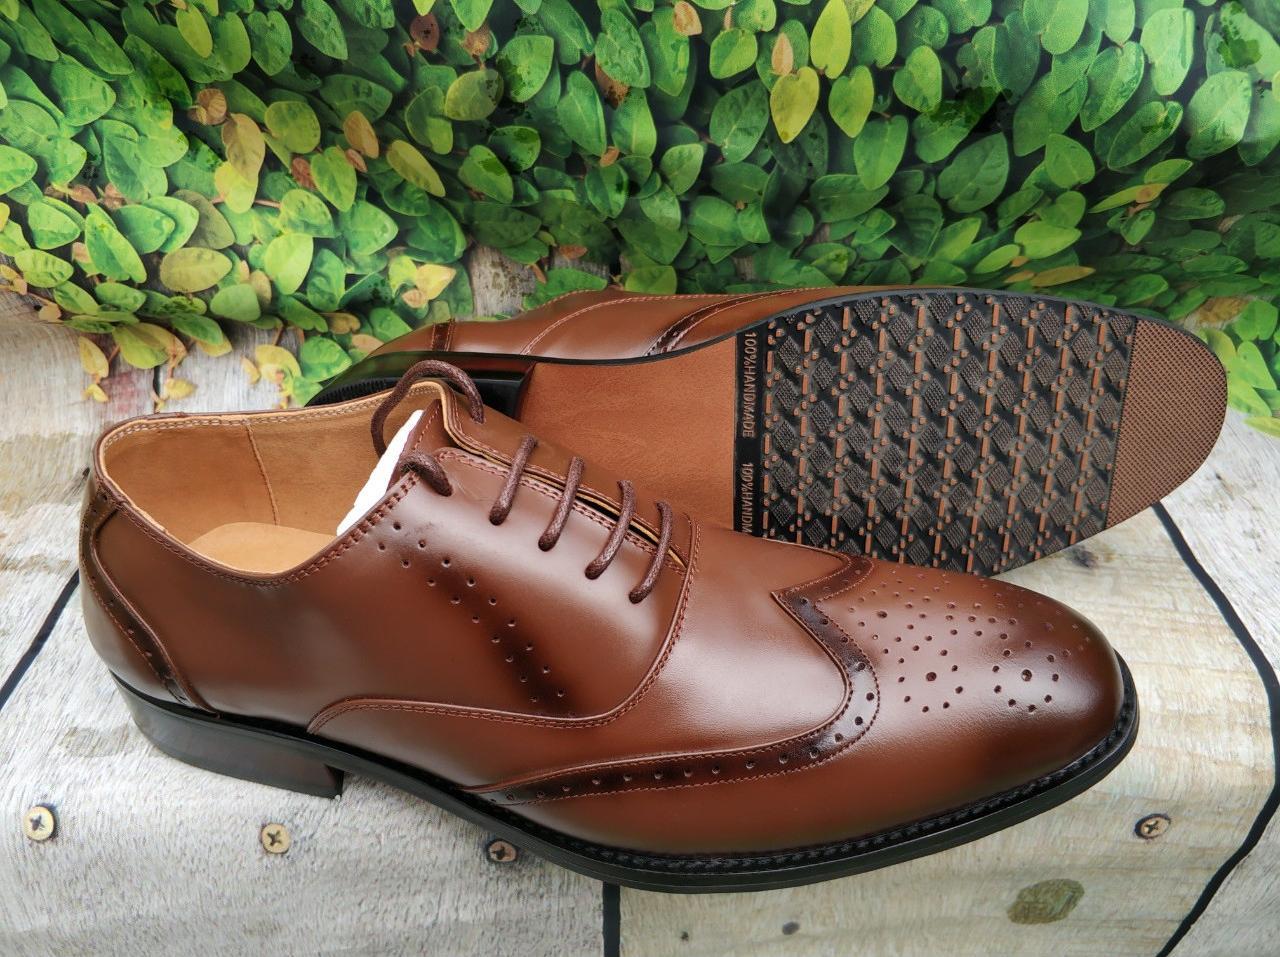 Giày da nam công sở sang trọng lịch lãm -gl51 - nâu nhạt - 40